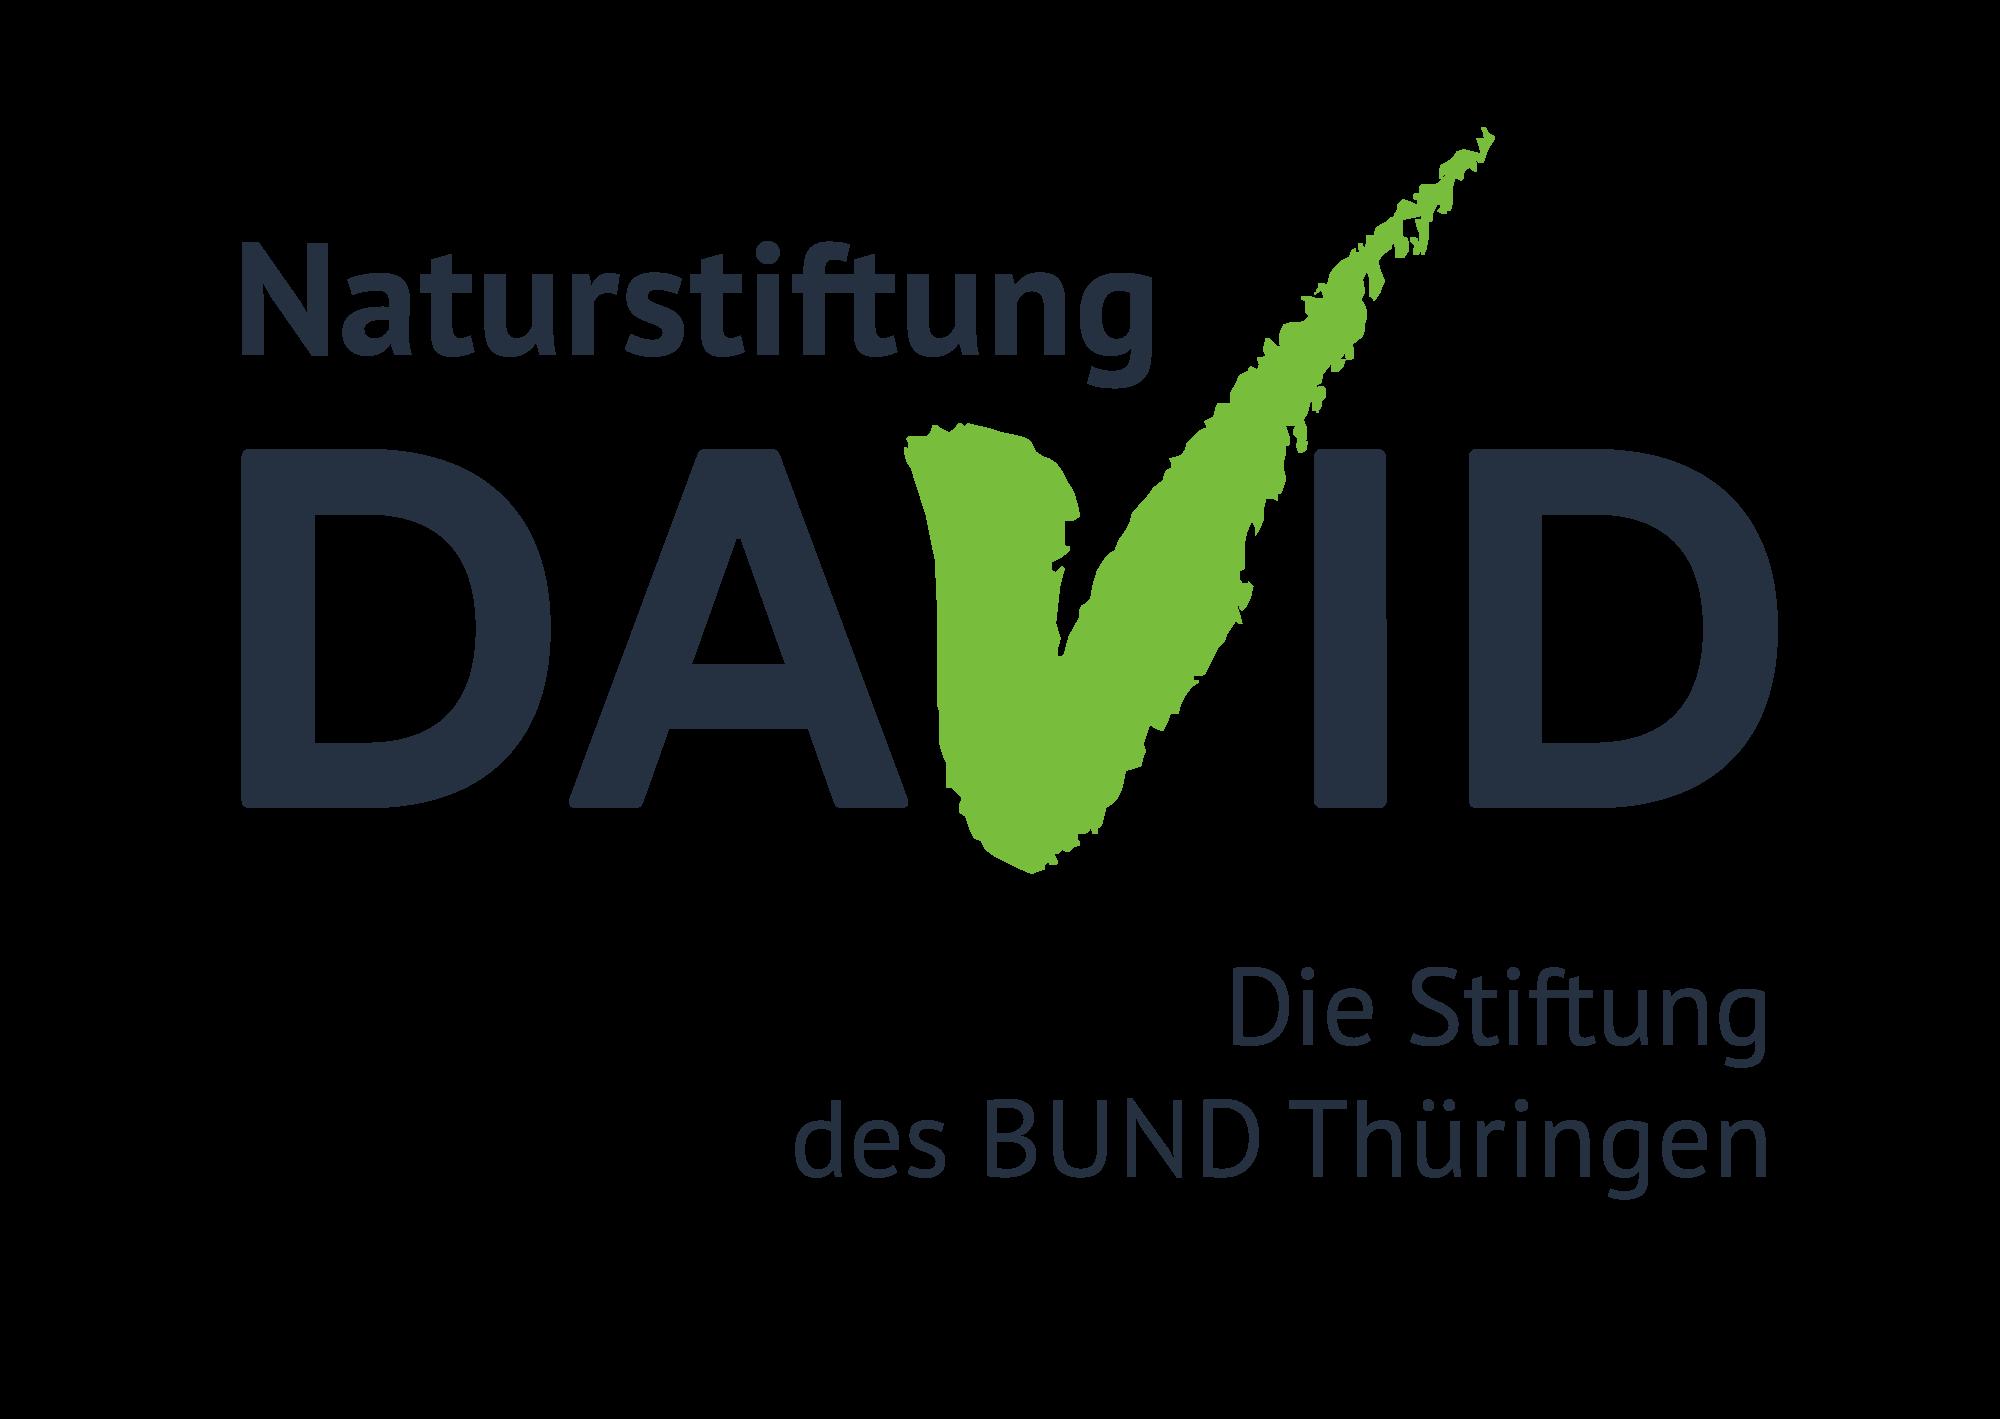 Naturstiftung David Logo